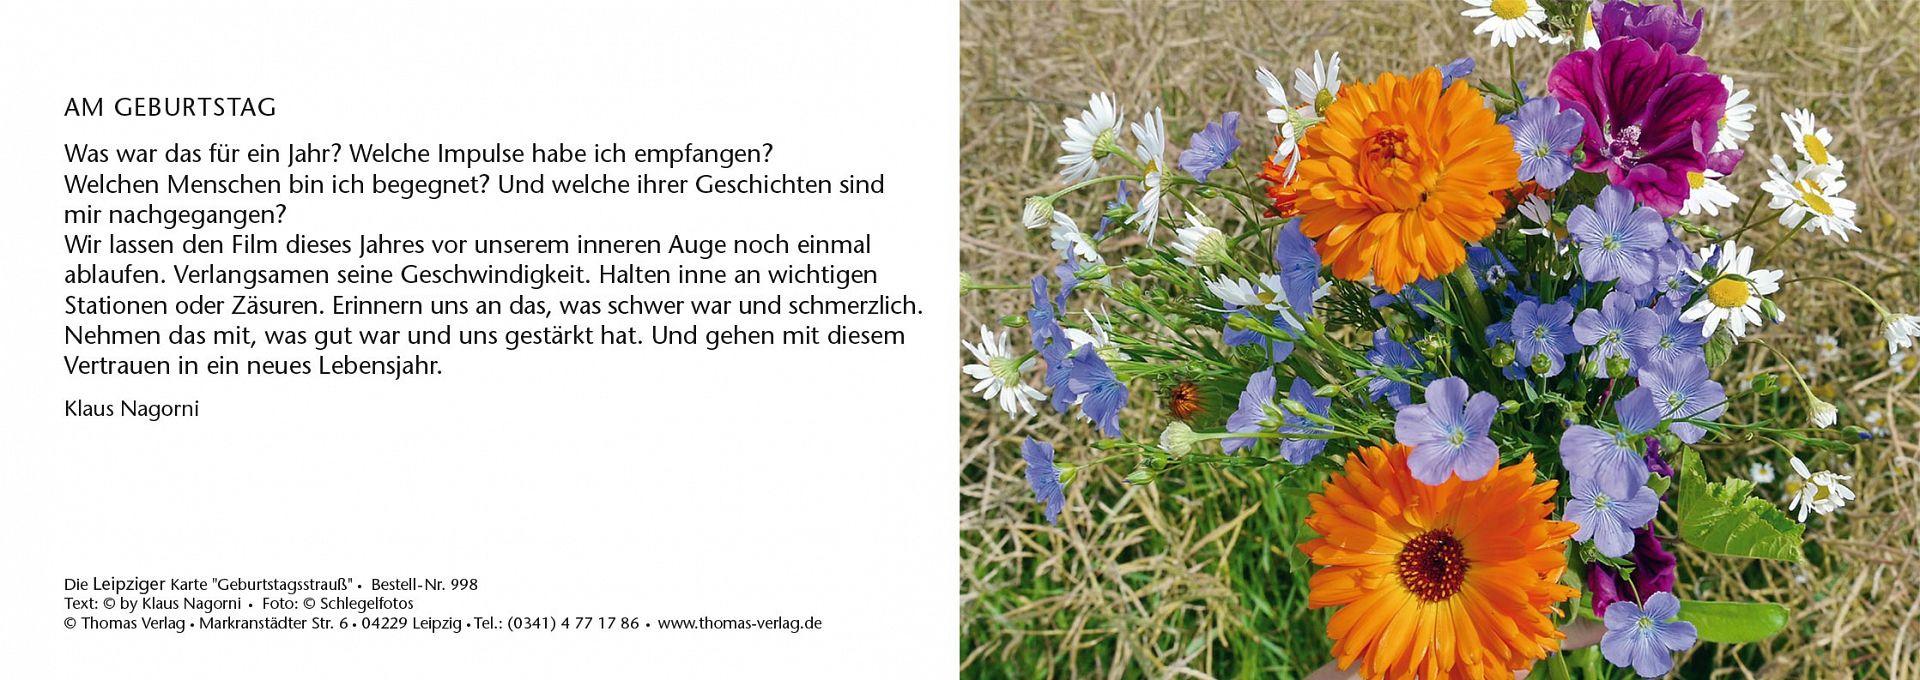 Leipziger Karte Geburtstagsstrauss Leipziger Karte Geburtstag